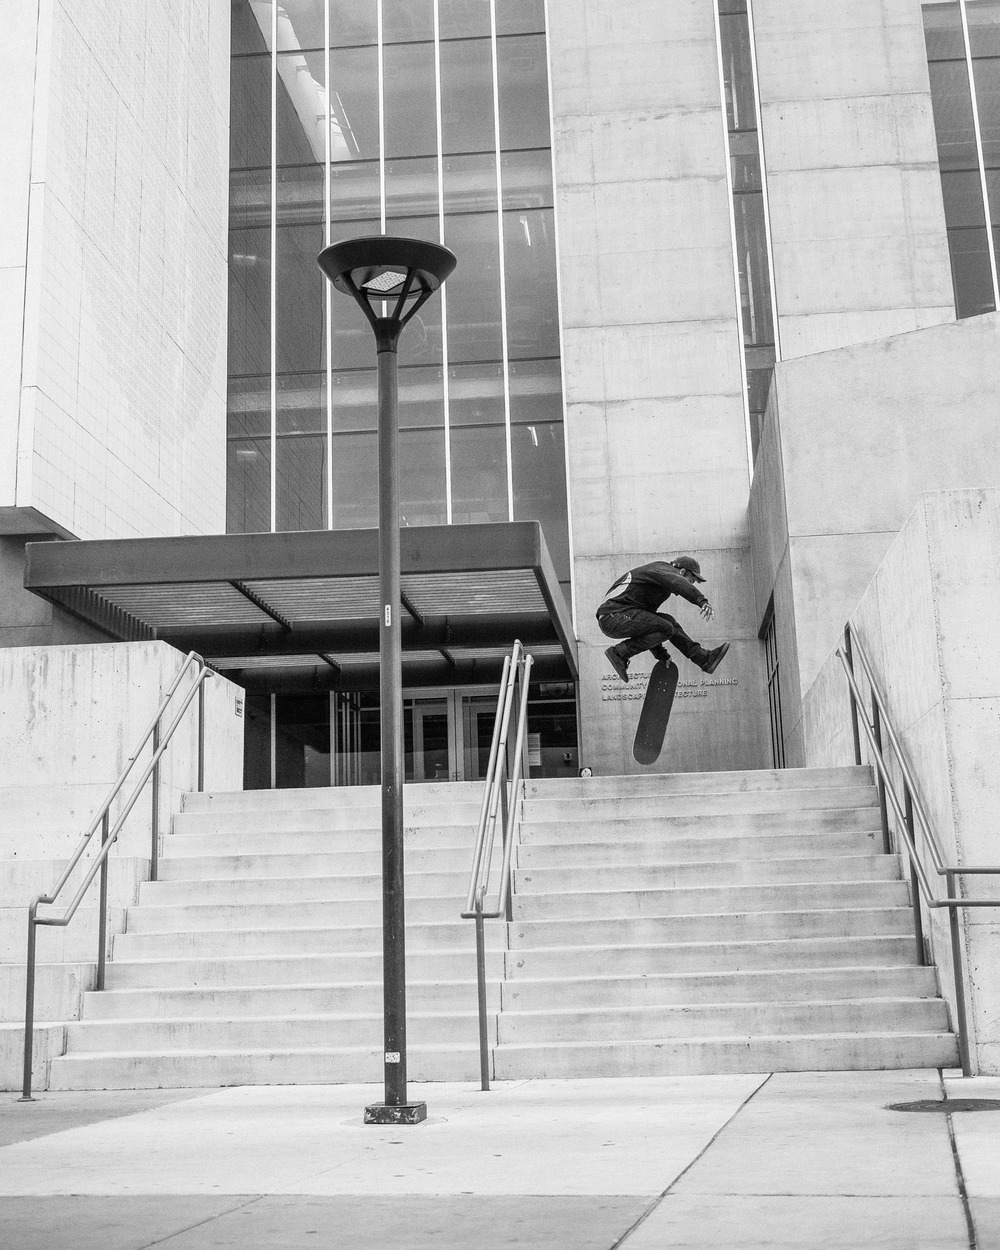 Jonathan Pierce / fakie airwalk / Albuquerque, New Mexico